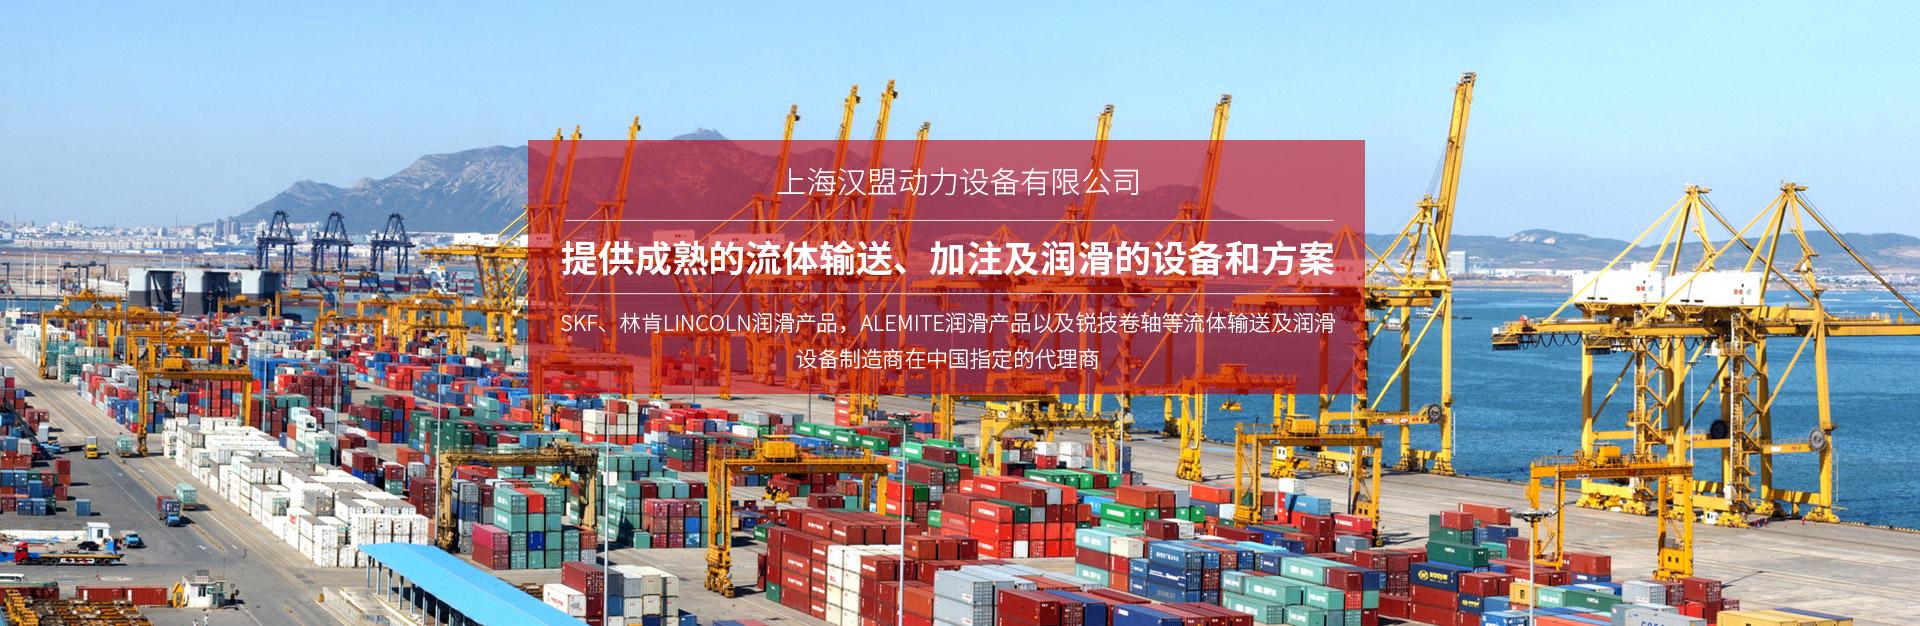 上海汉盟动力设备有限公司